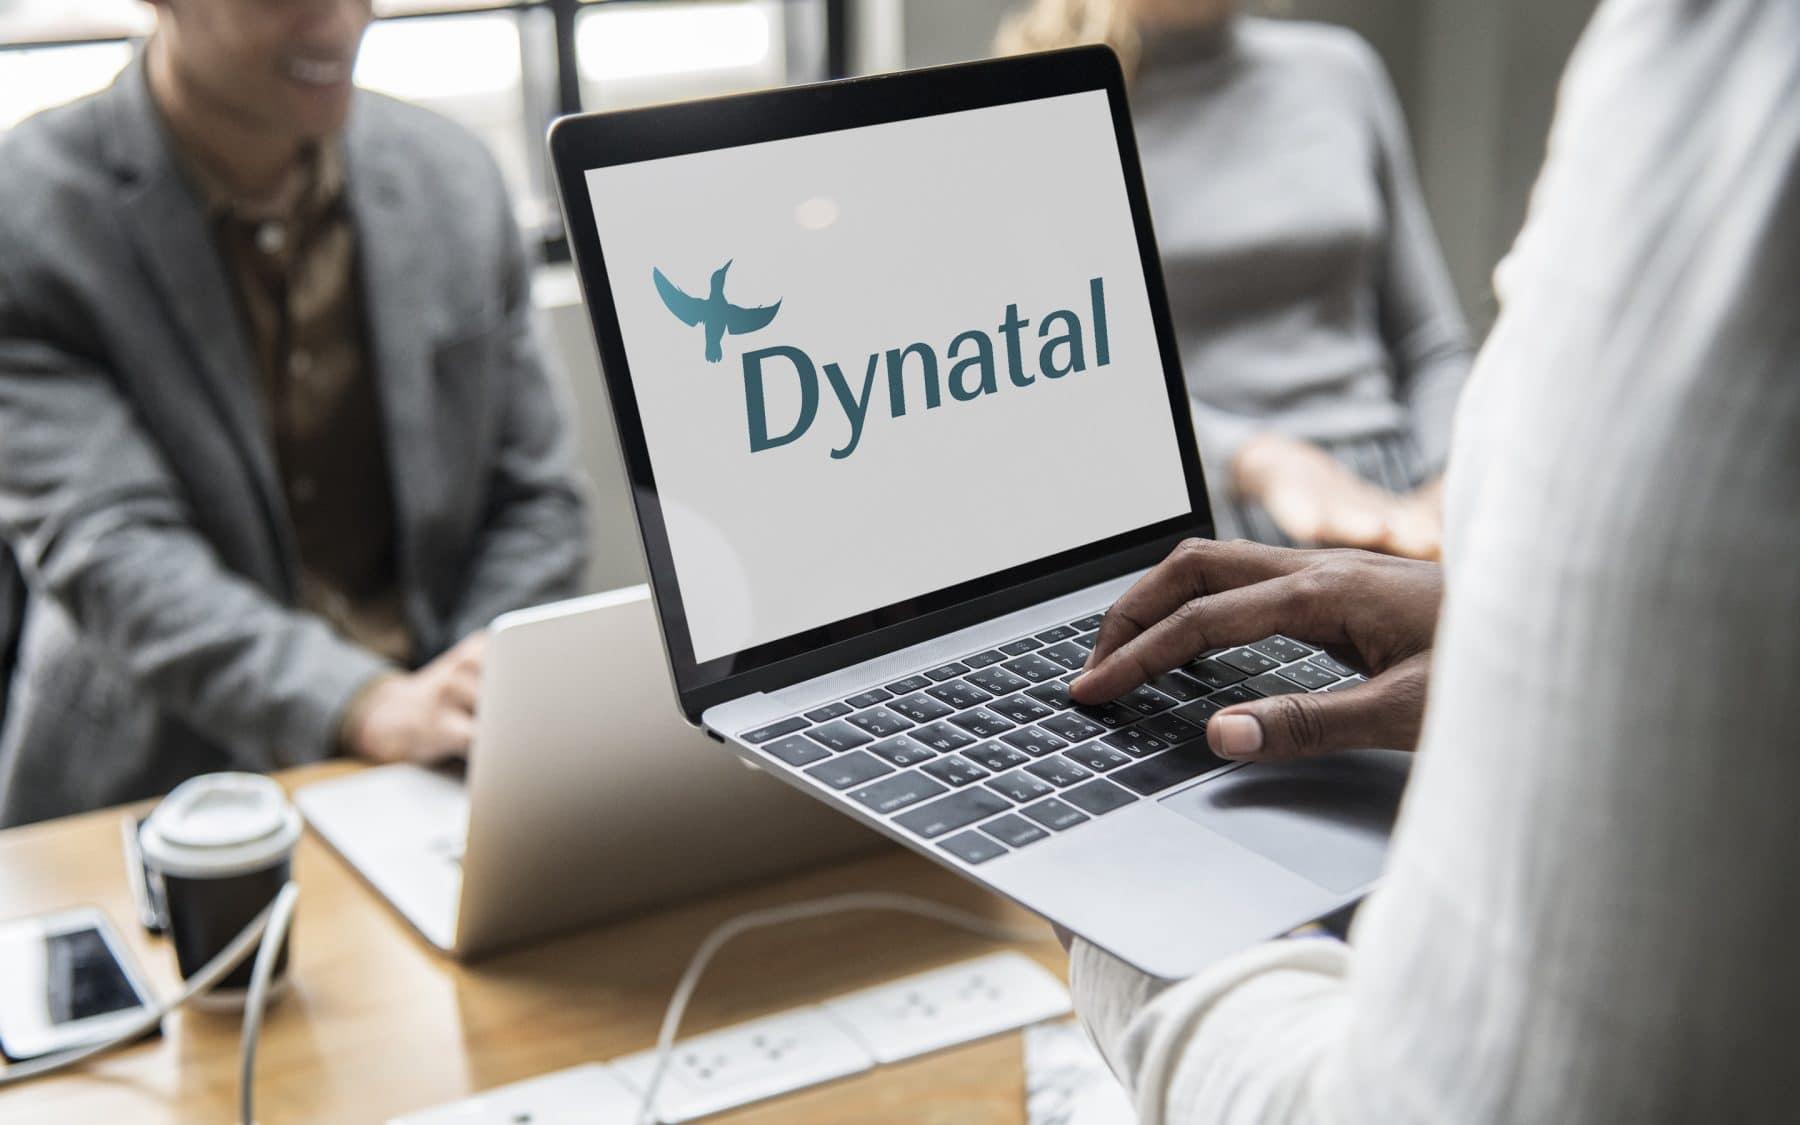 Dynatal